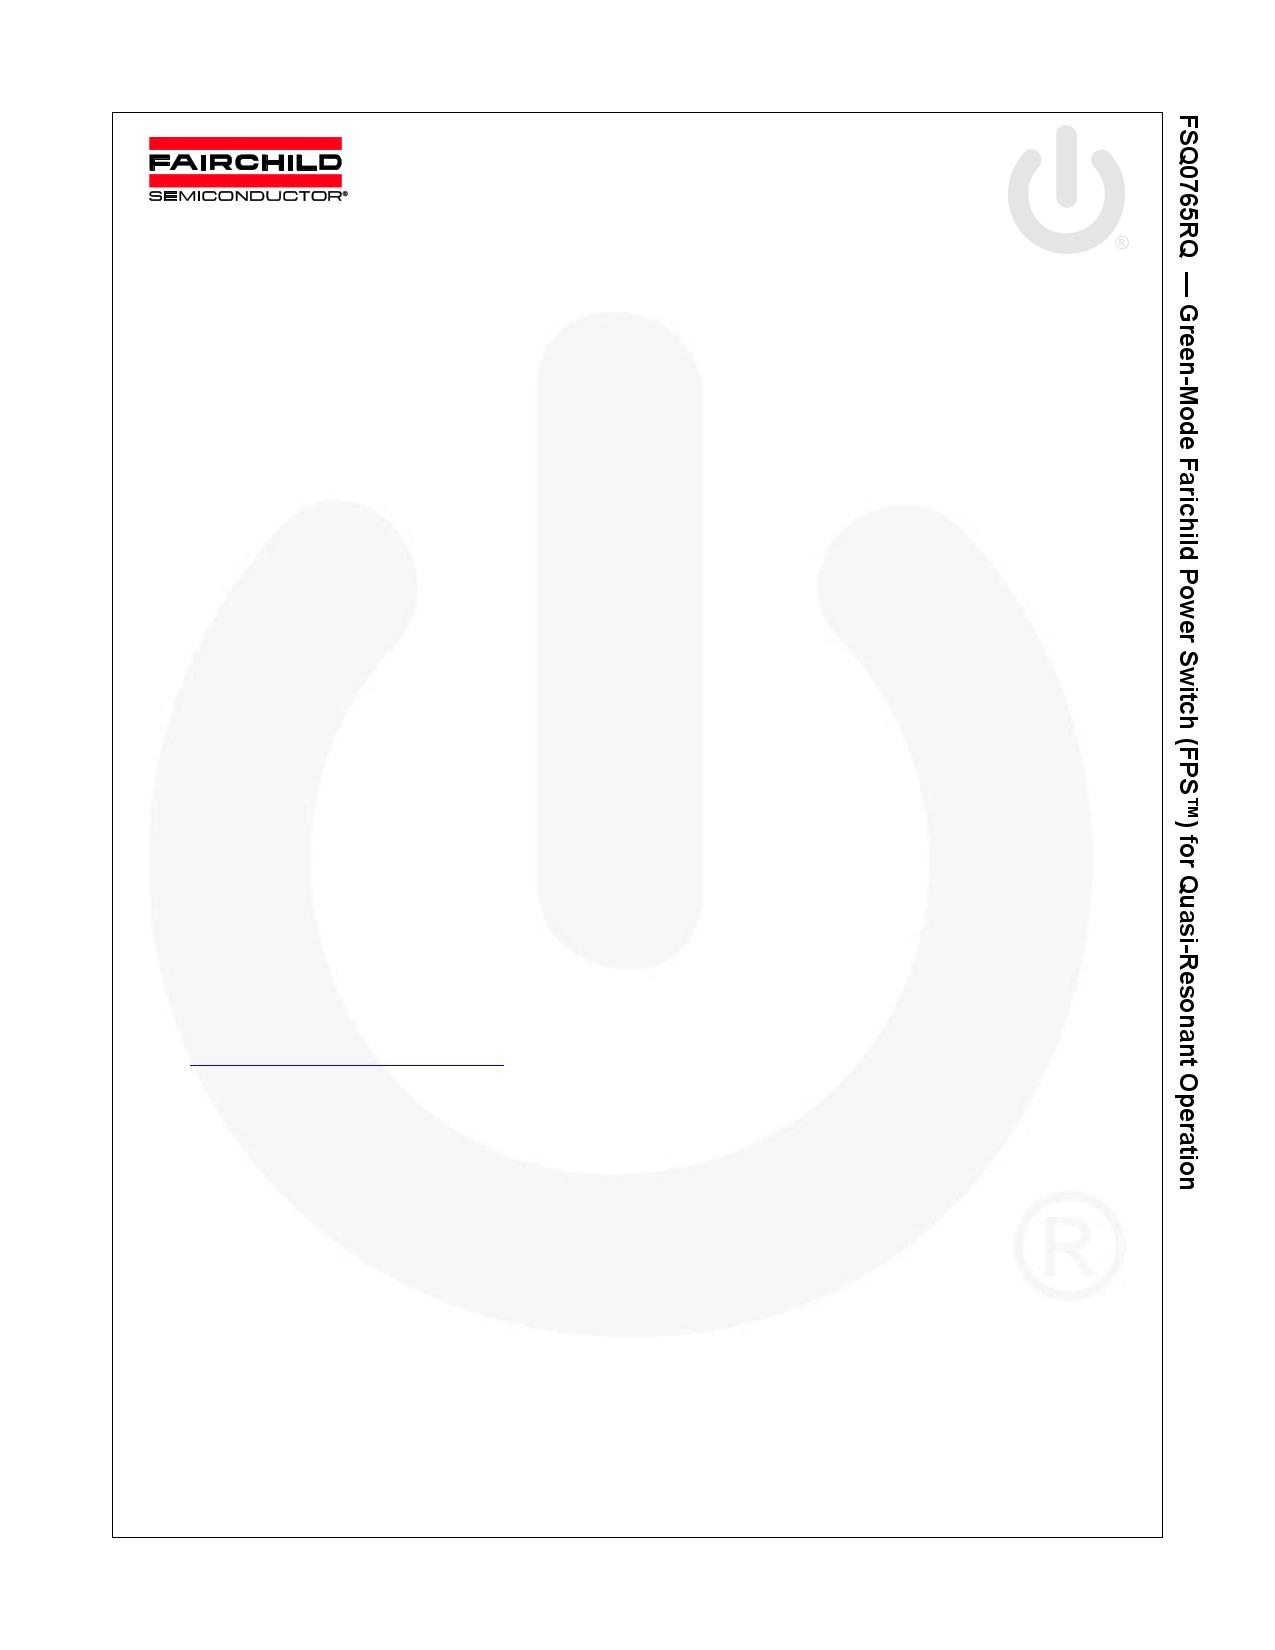 Q0765RQ دیتاشیت PDF